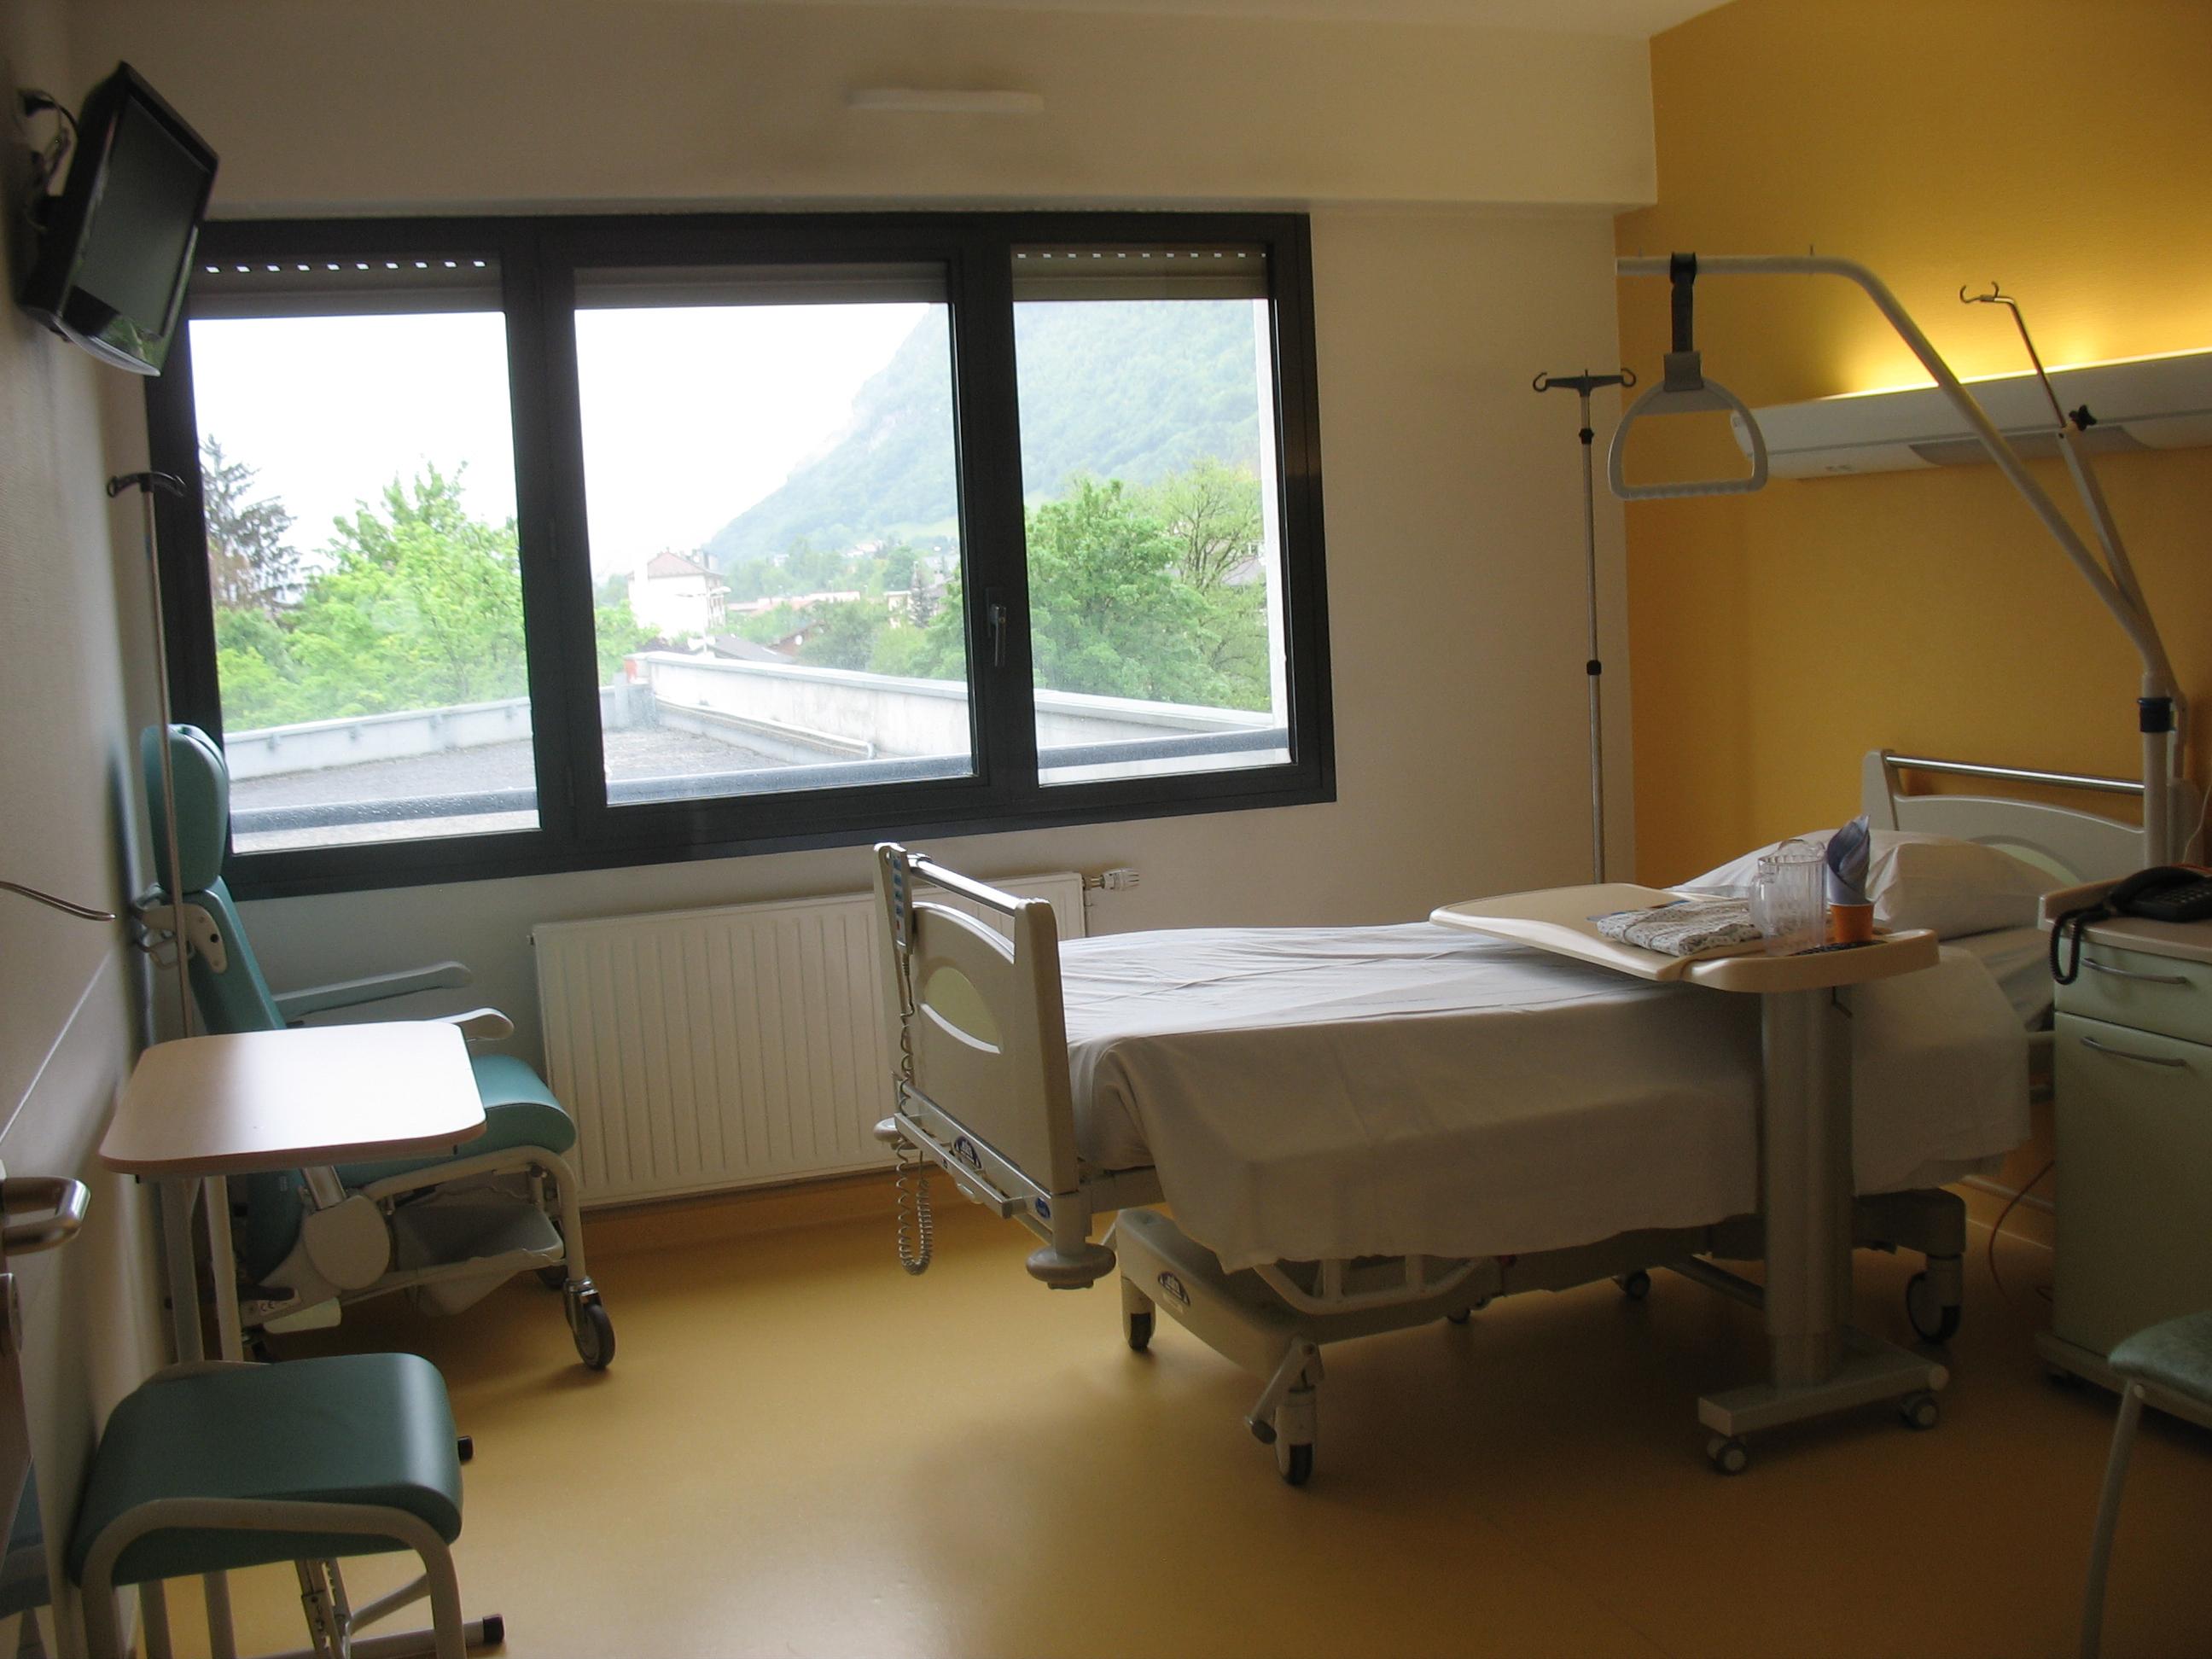 Hôpitaux du Pays du Mont-BlancVotre séjour - Hôpitaux du Pays du ...